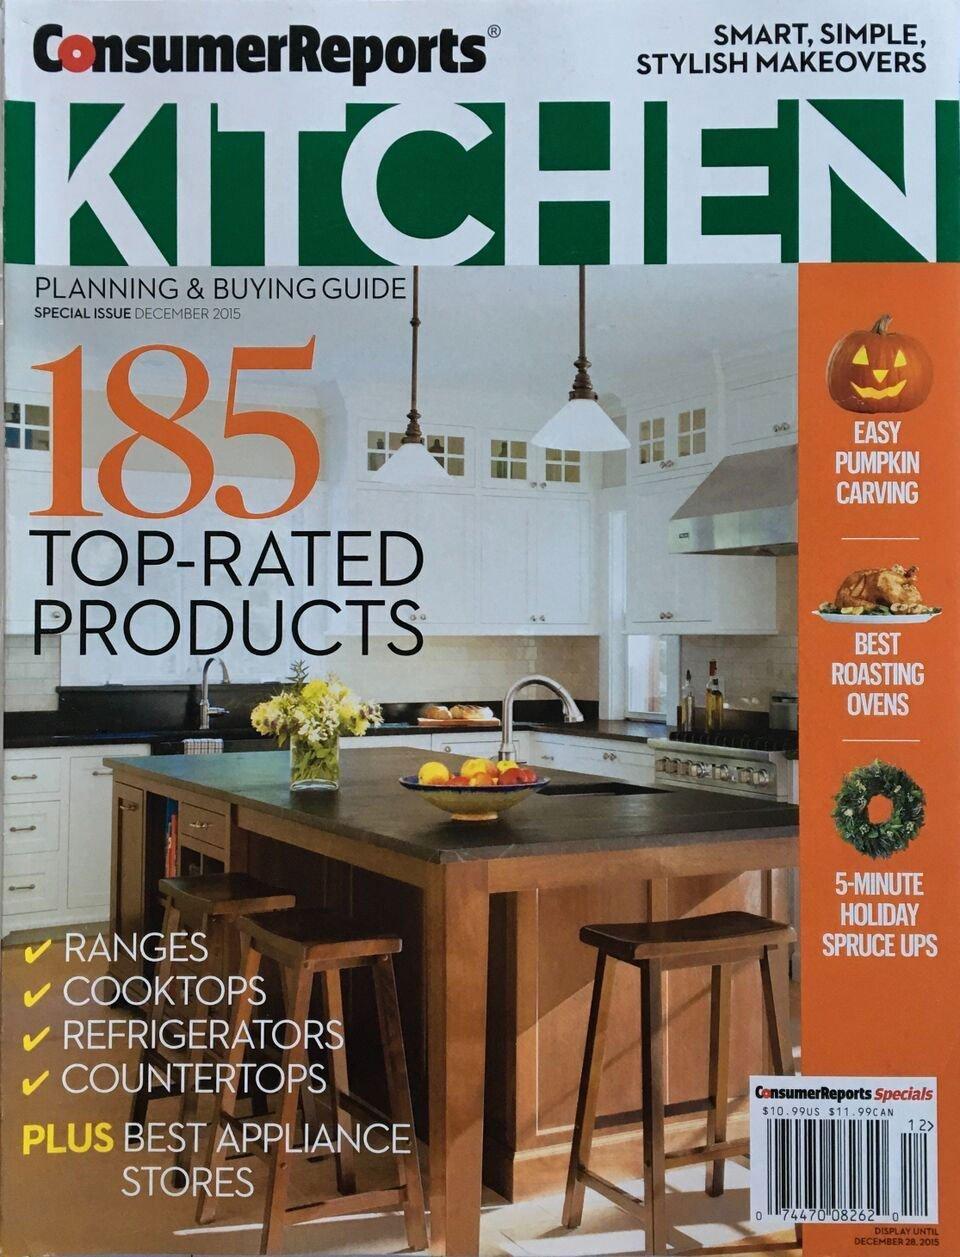 2015 Consumer Reports magazine cover